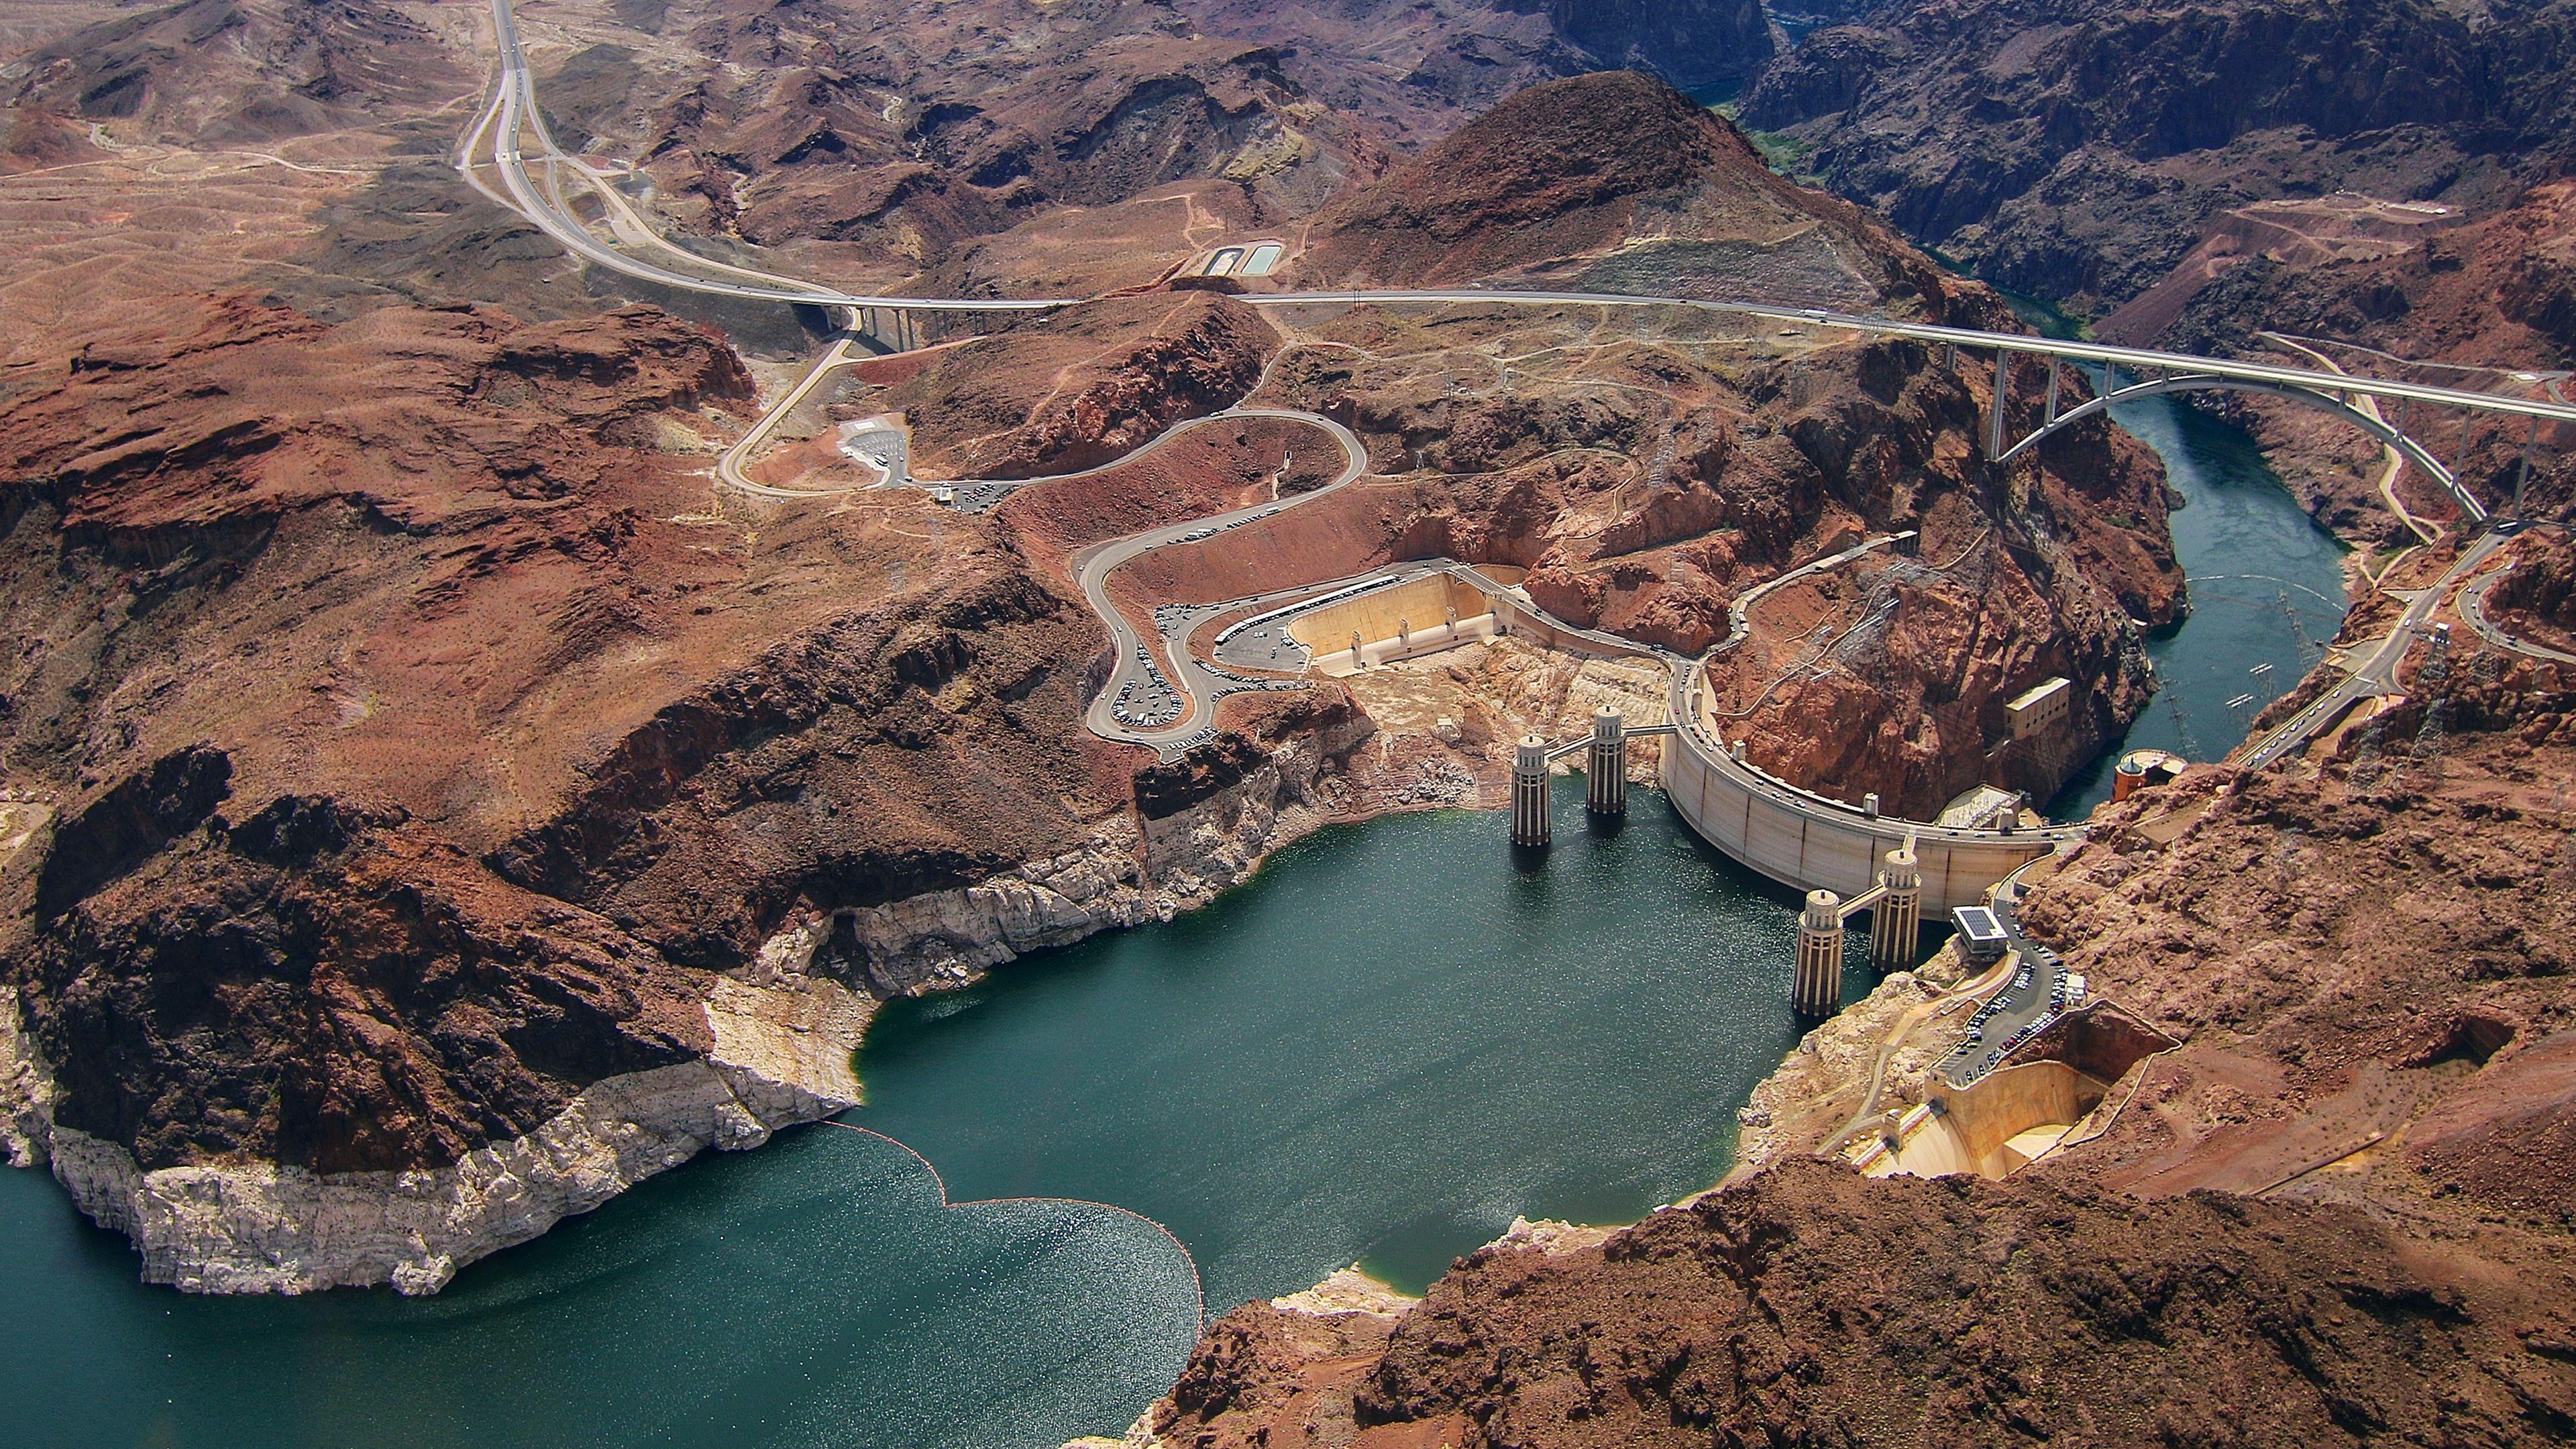 Landscape 4k Ultra Hd Wallpaper Hoover Dam 4k Ultra Hd